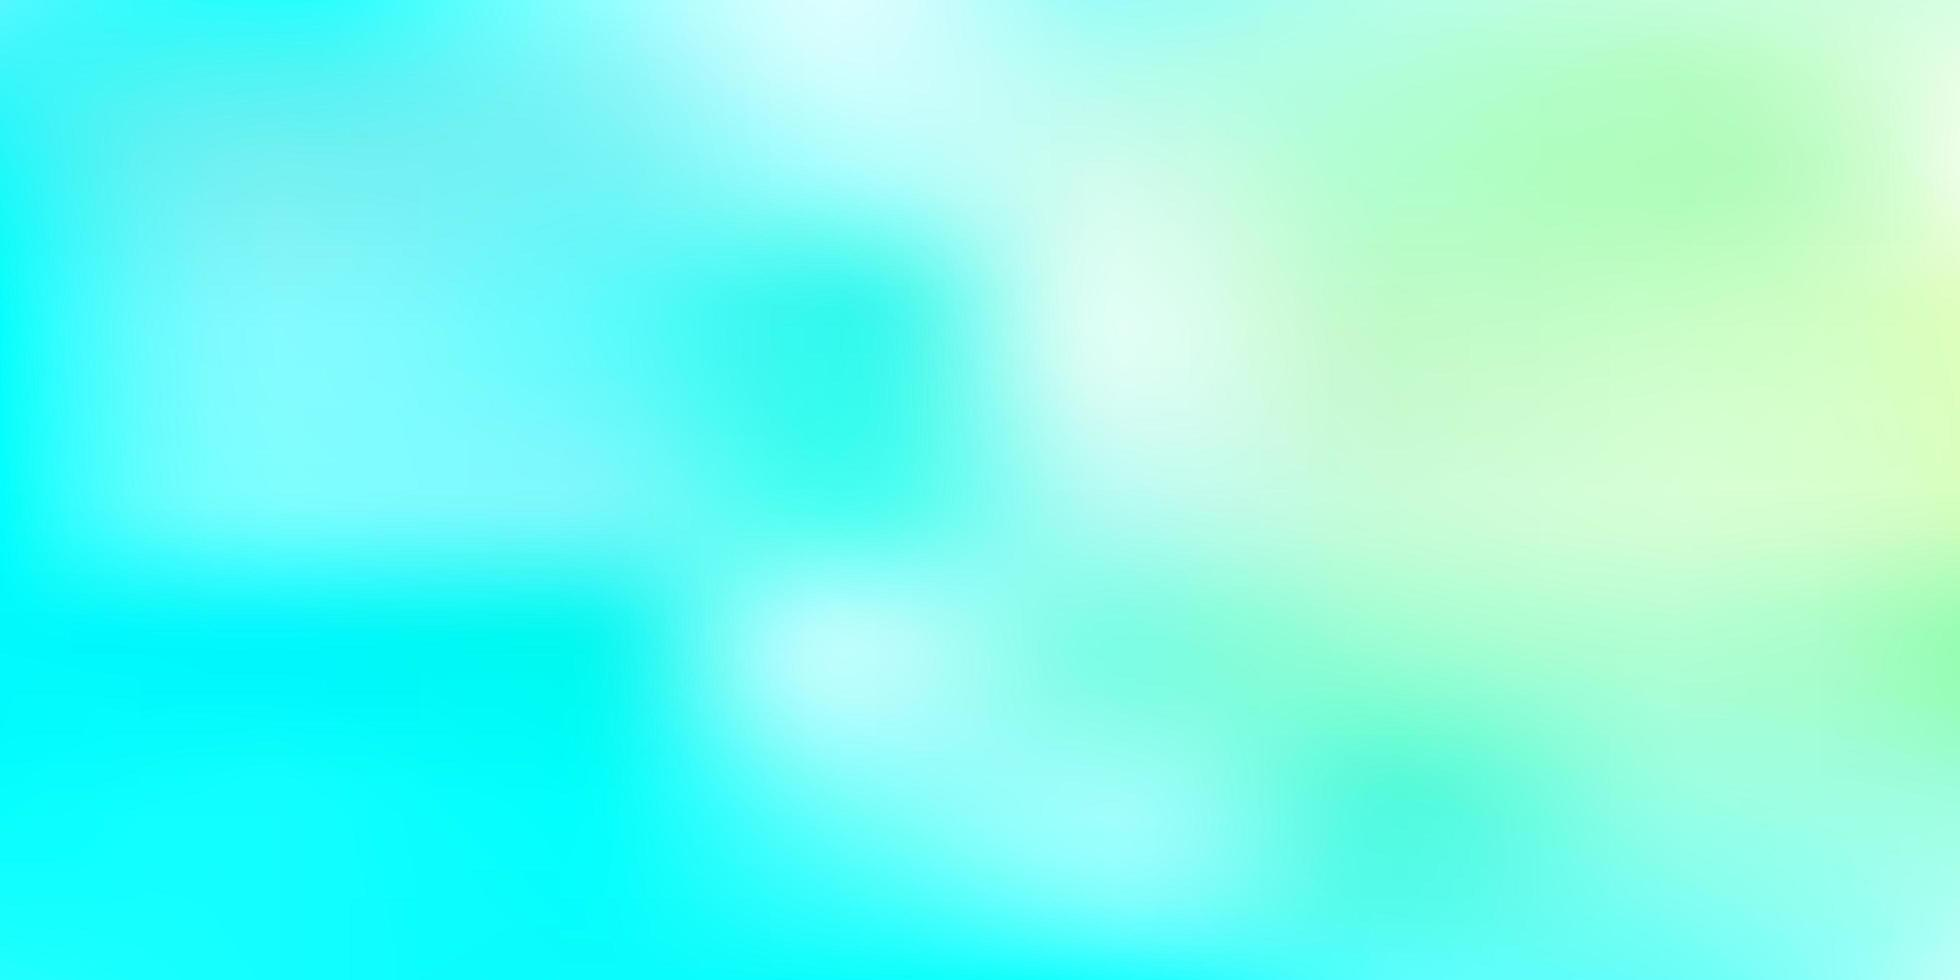 modelo de desfoque de vetor azul claro